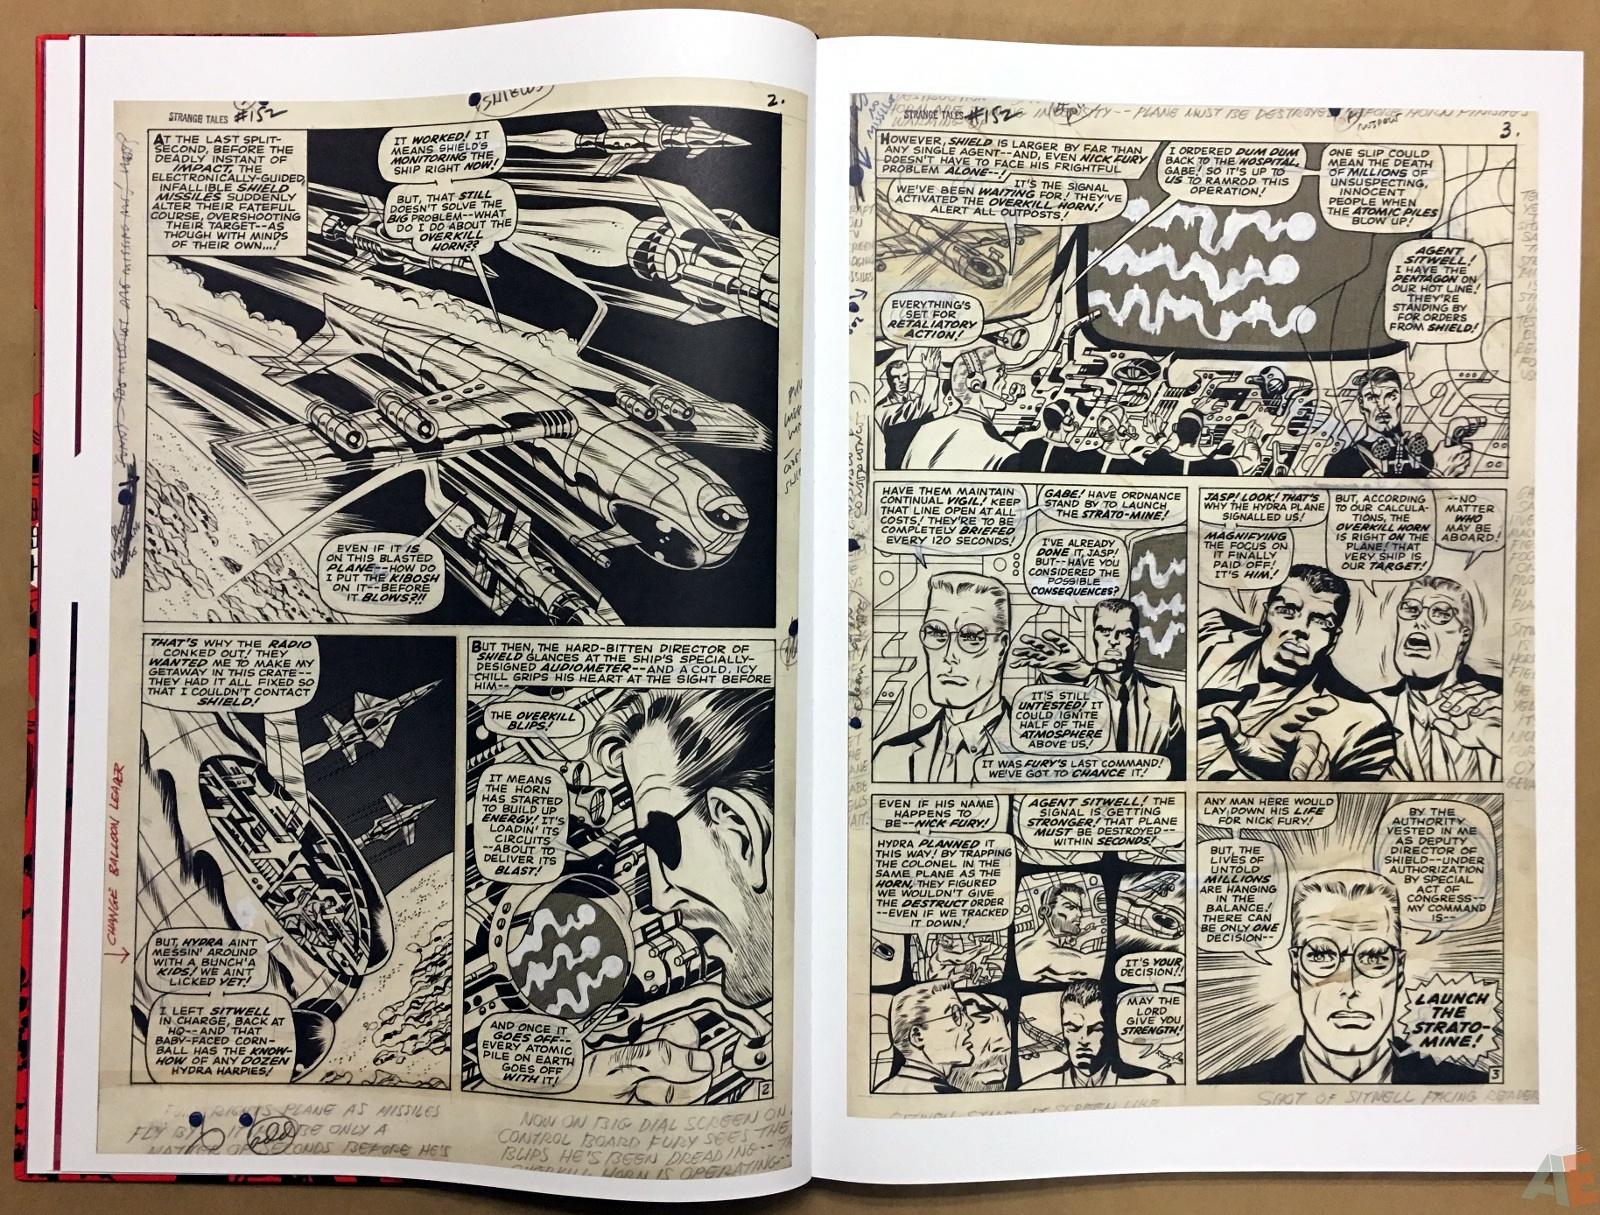 Steranko Nick Fury Agent of S.H.I.E.L.D. Artist's Edition 12